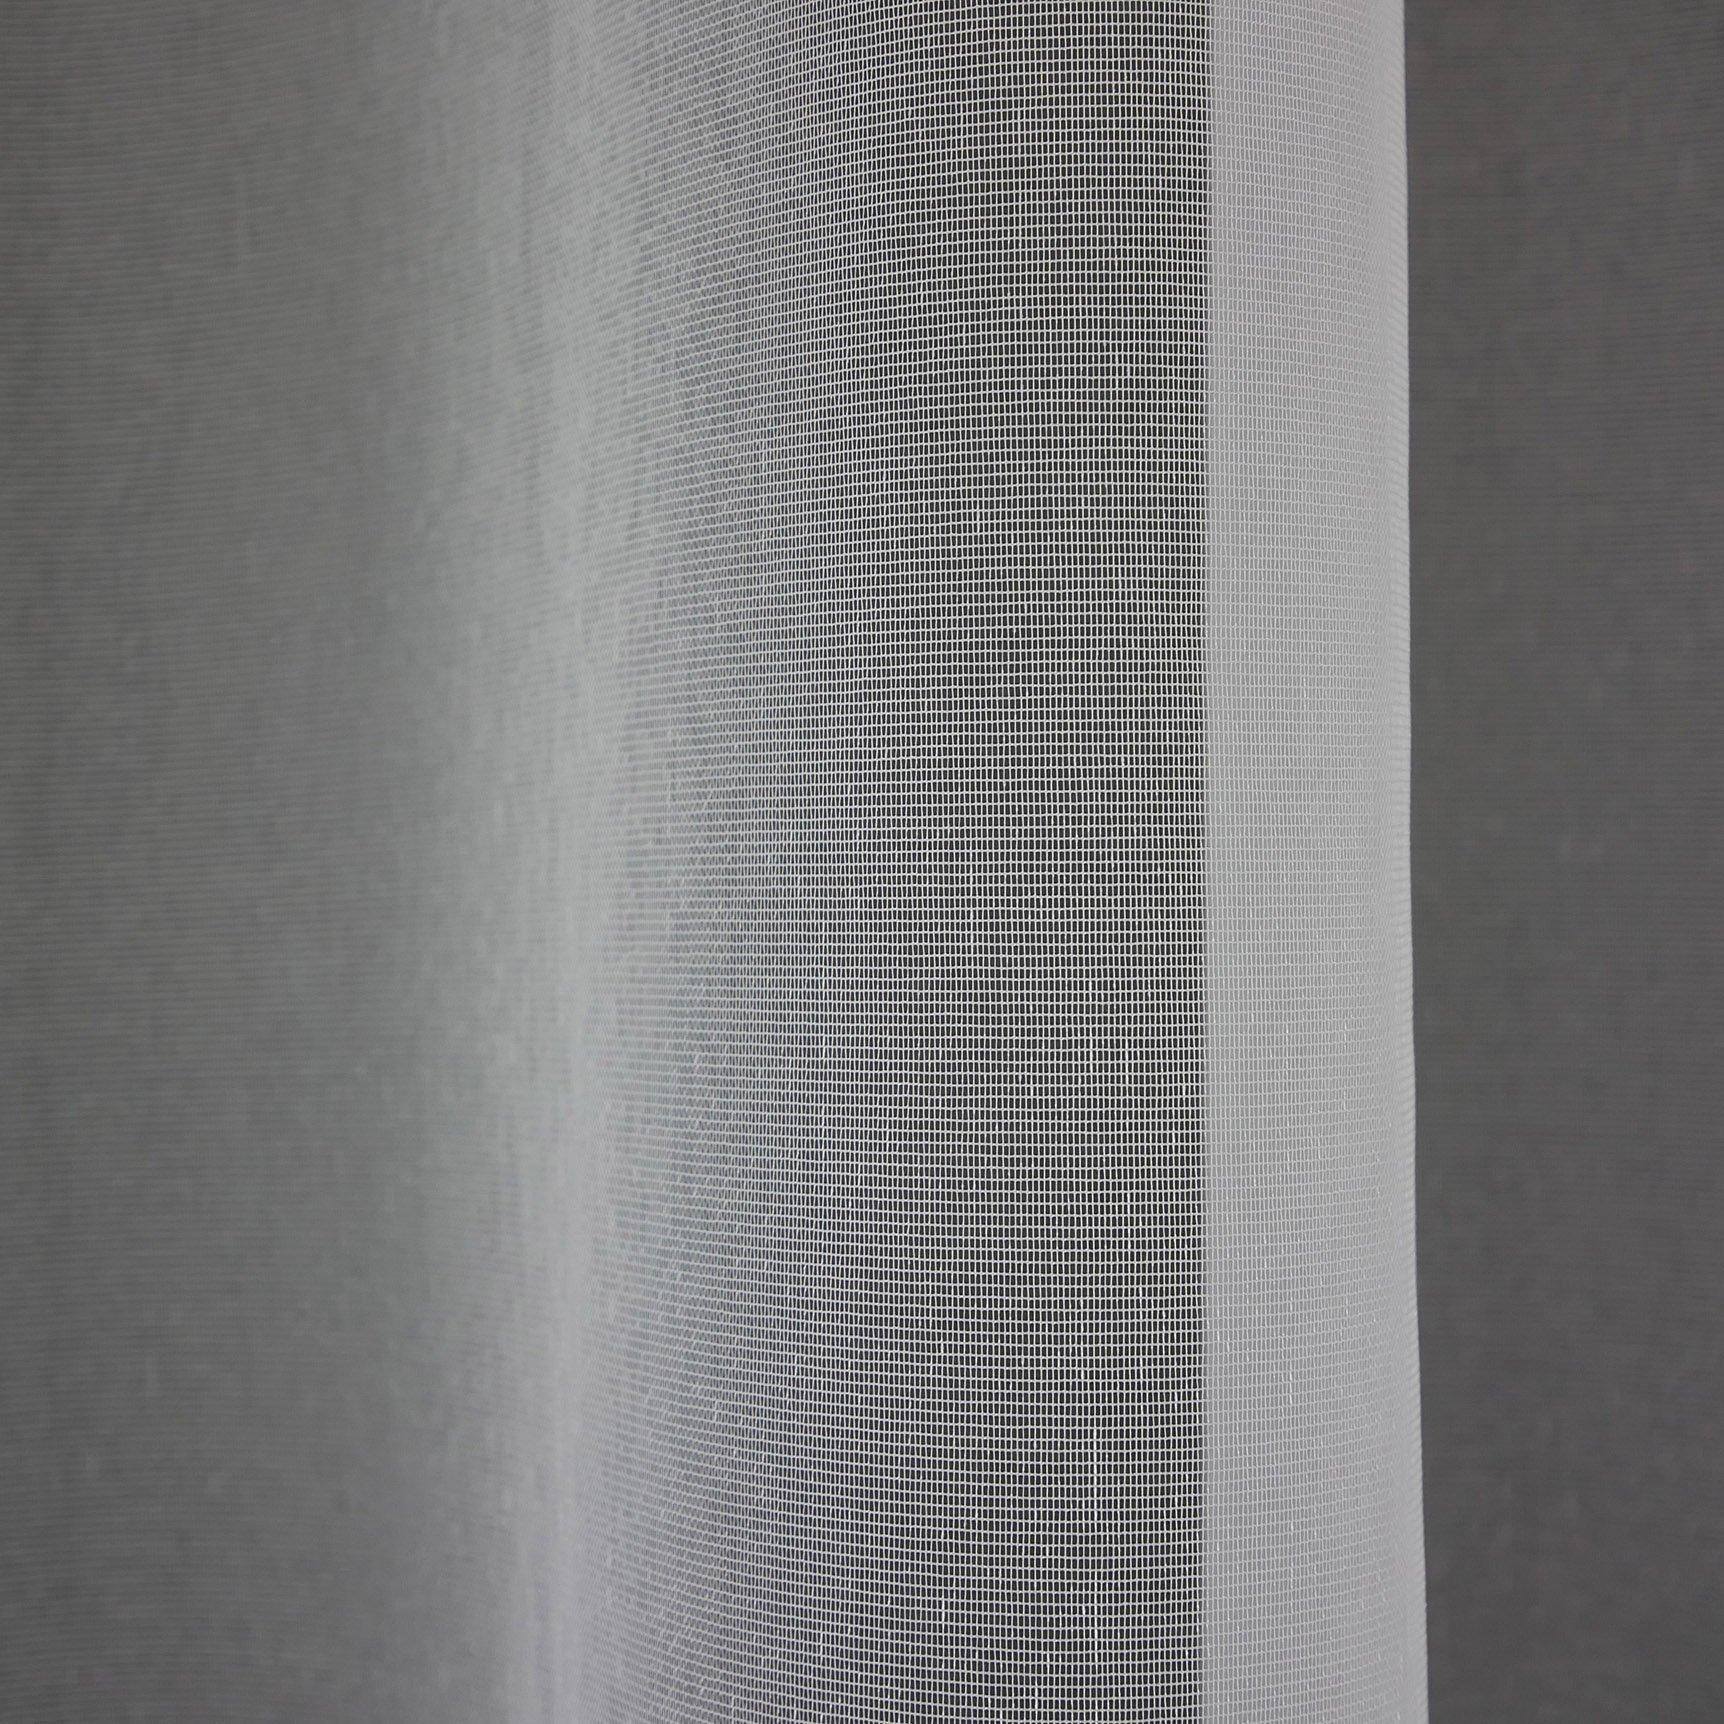 Firanka Markizeta 9227 Kolor Biały Wysokość 300cm